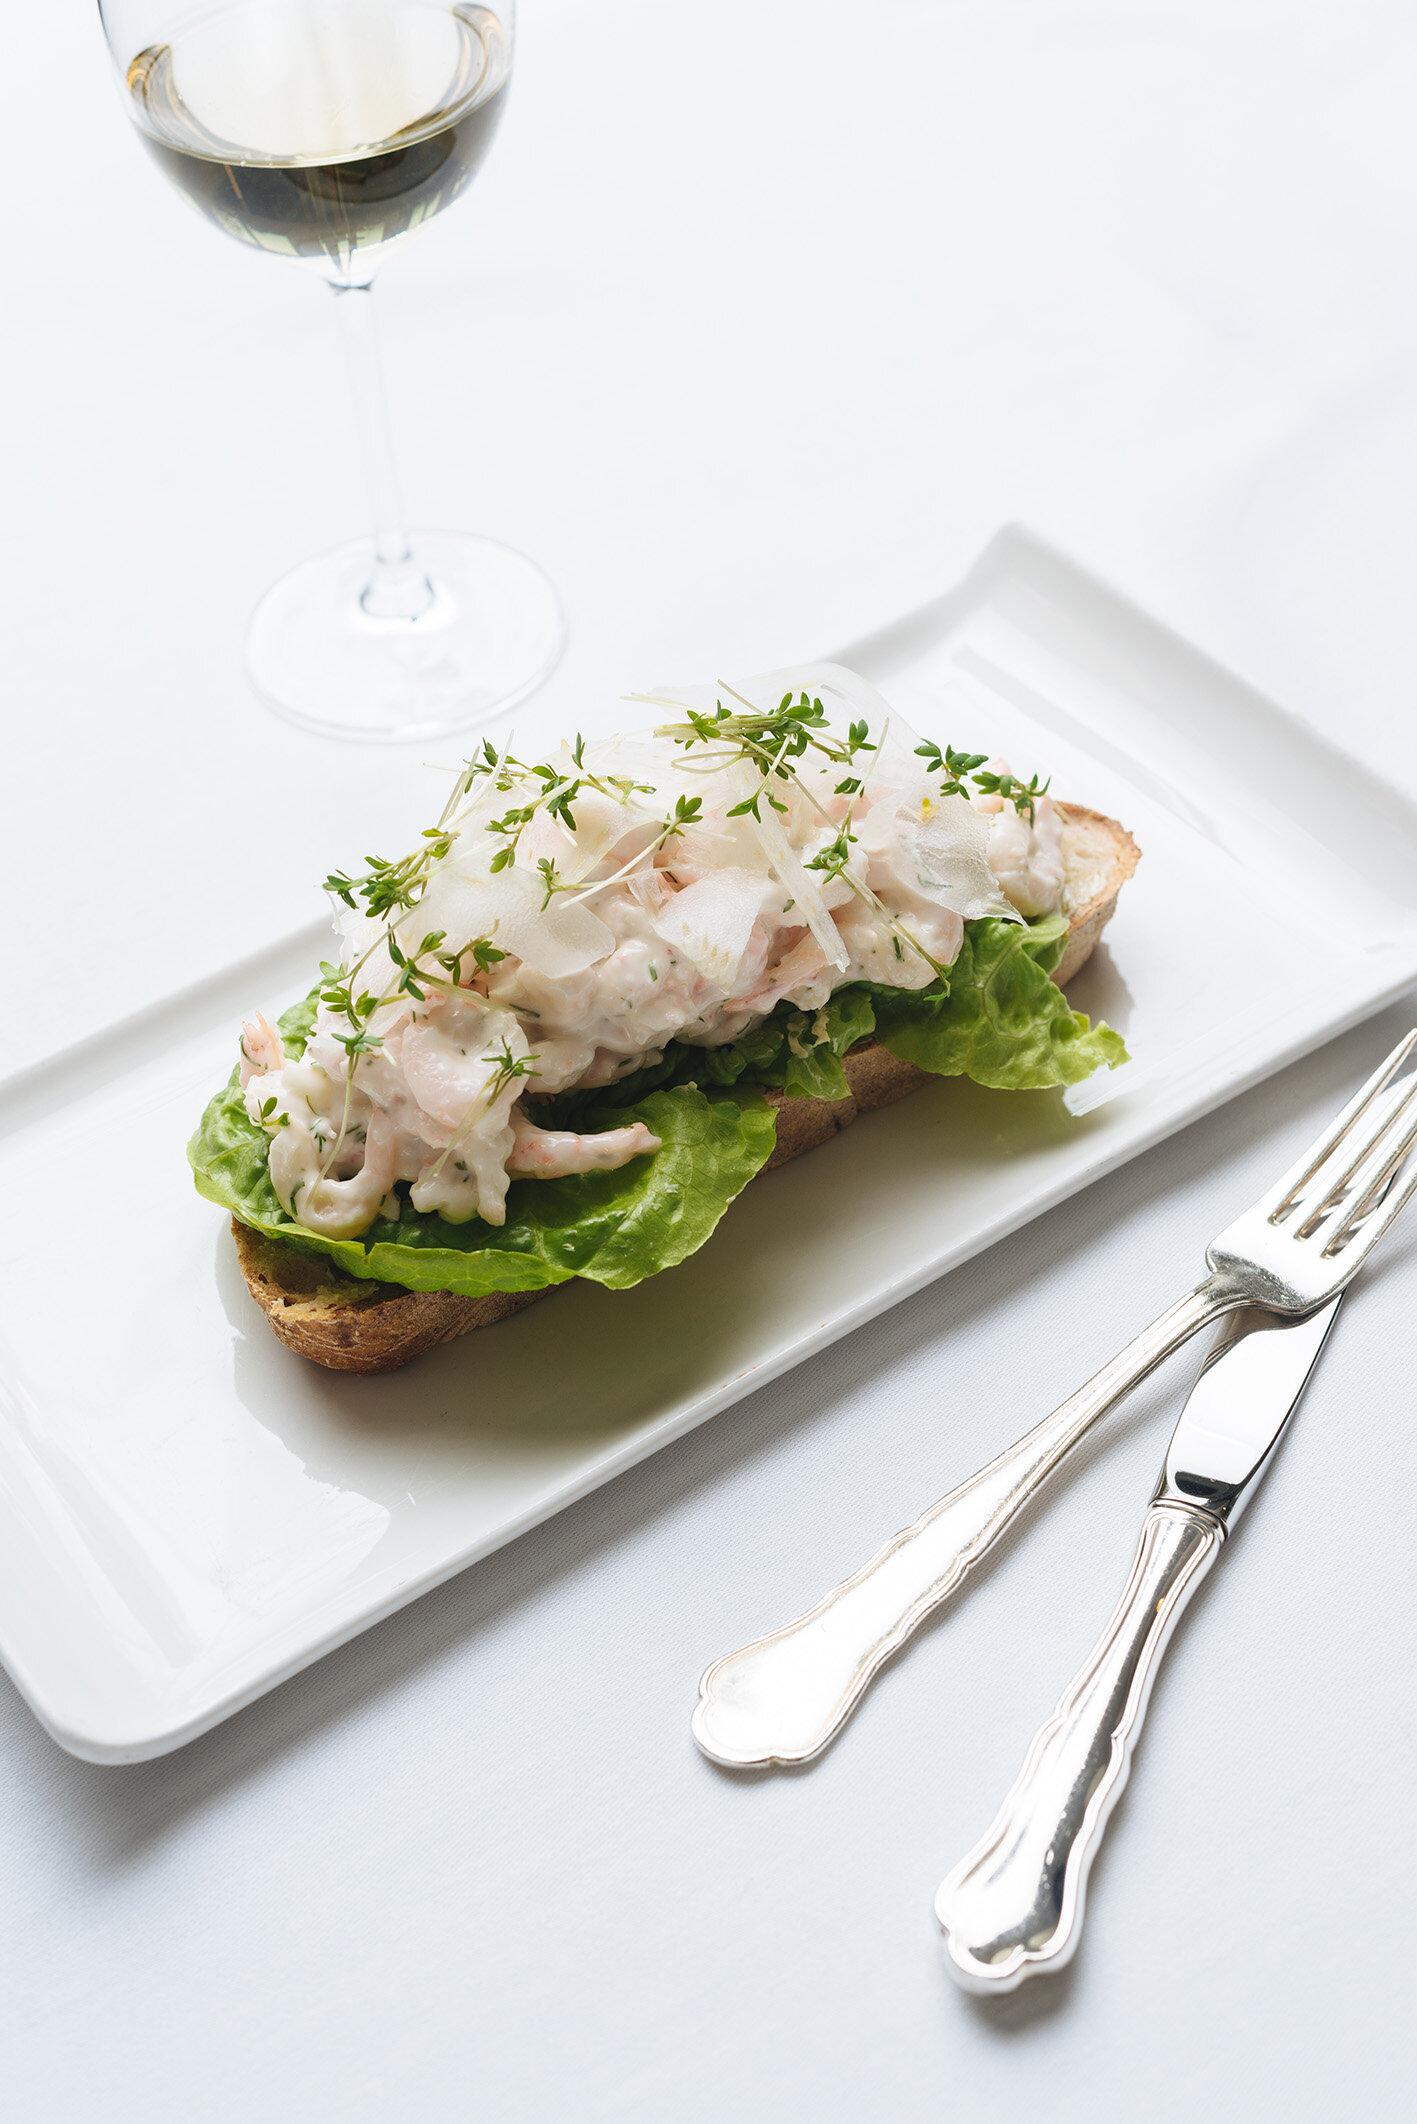 Strand-Restaurant_smørbrød_lower_res.jpg